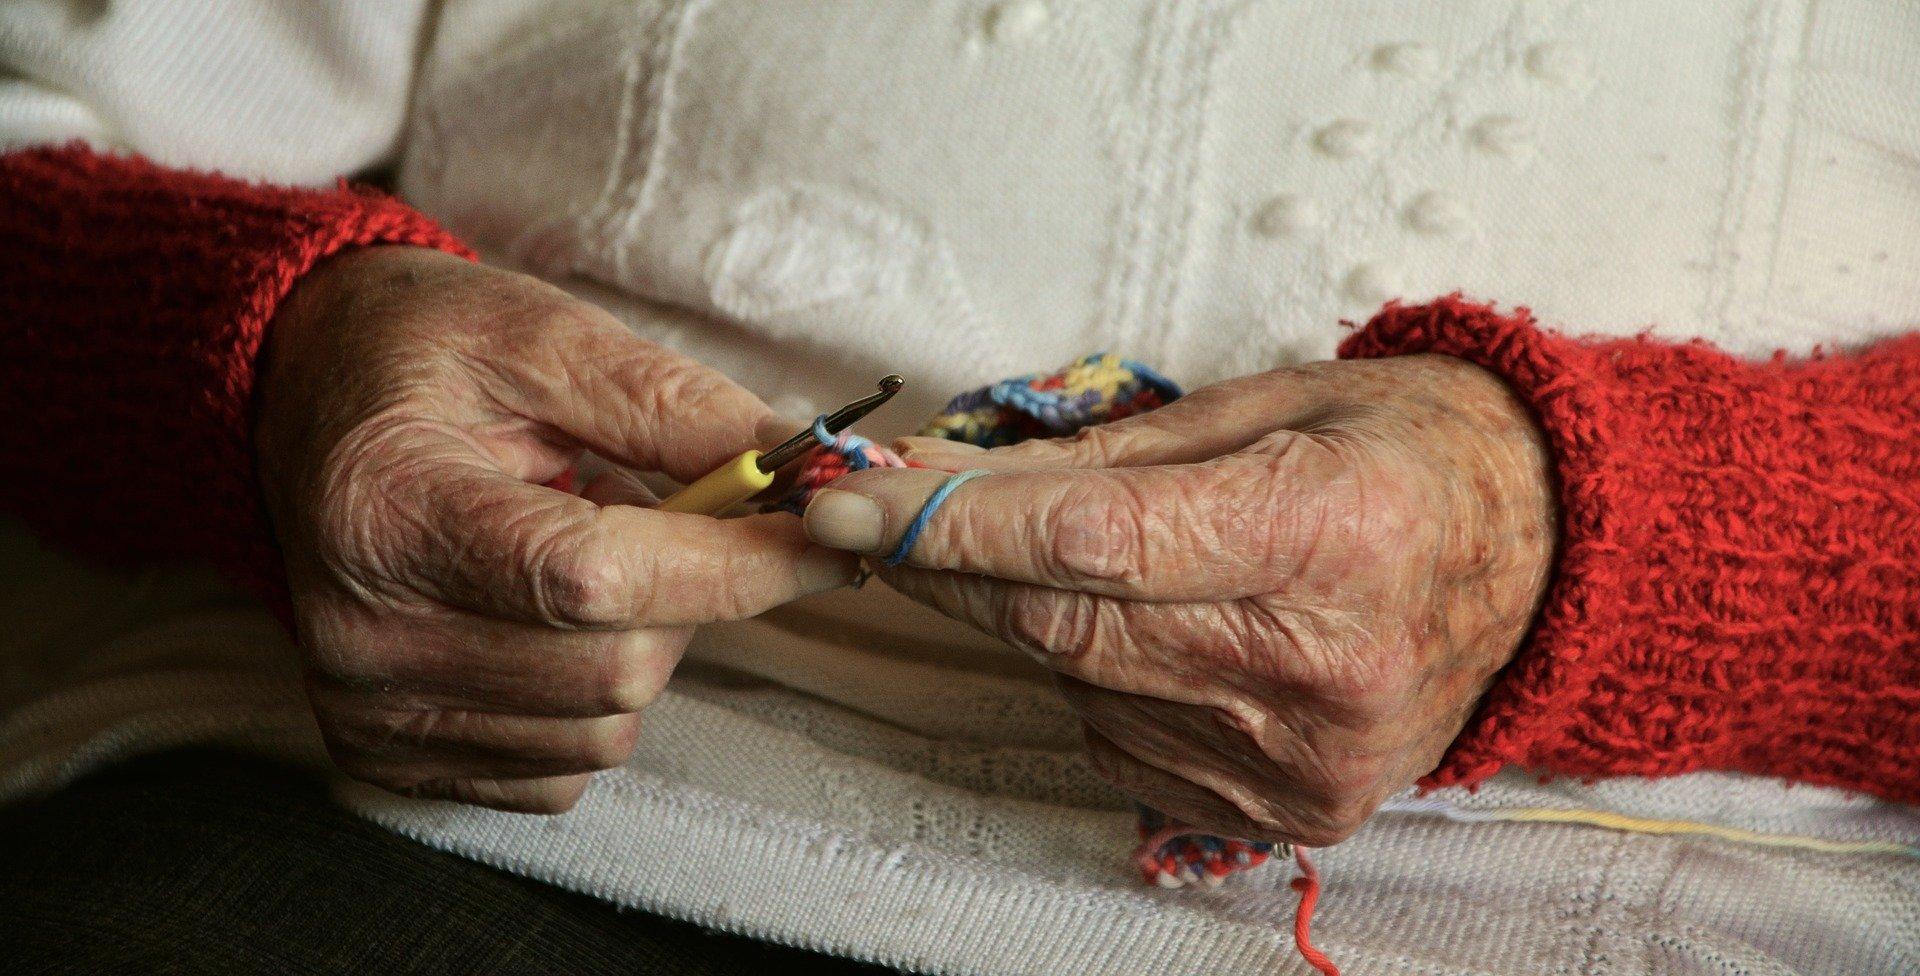 Manos de abuela. Fuente: Pixabay